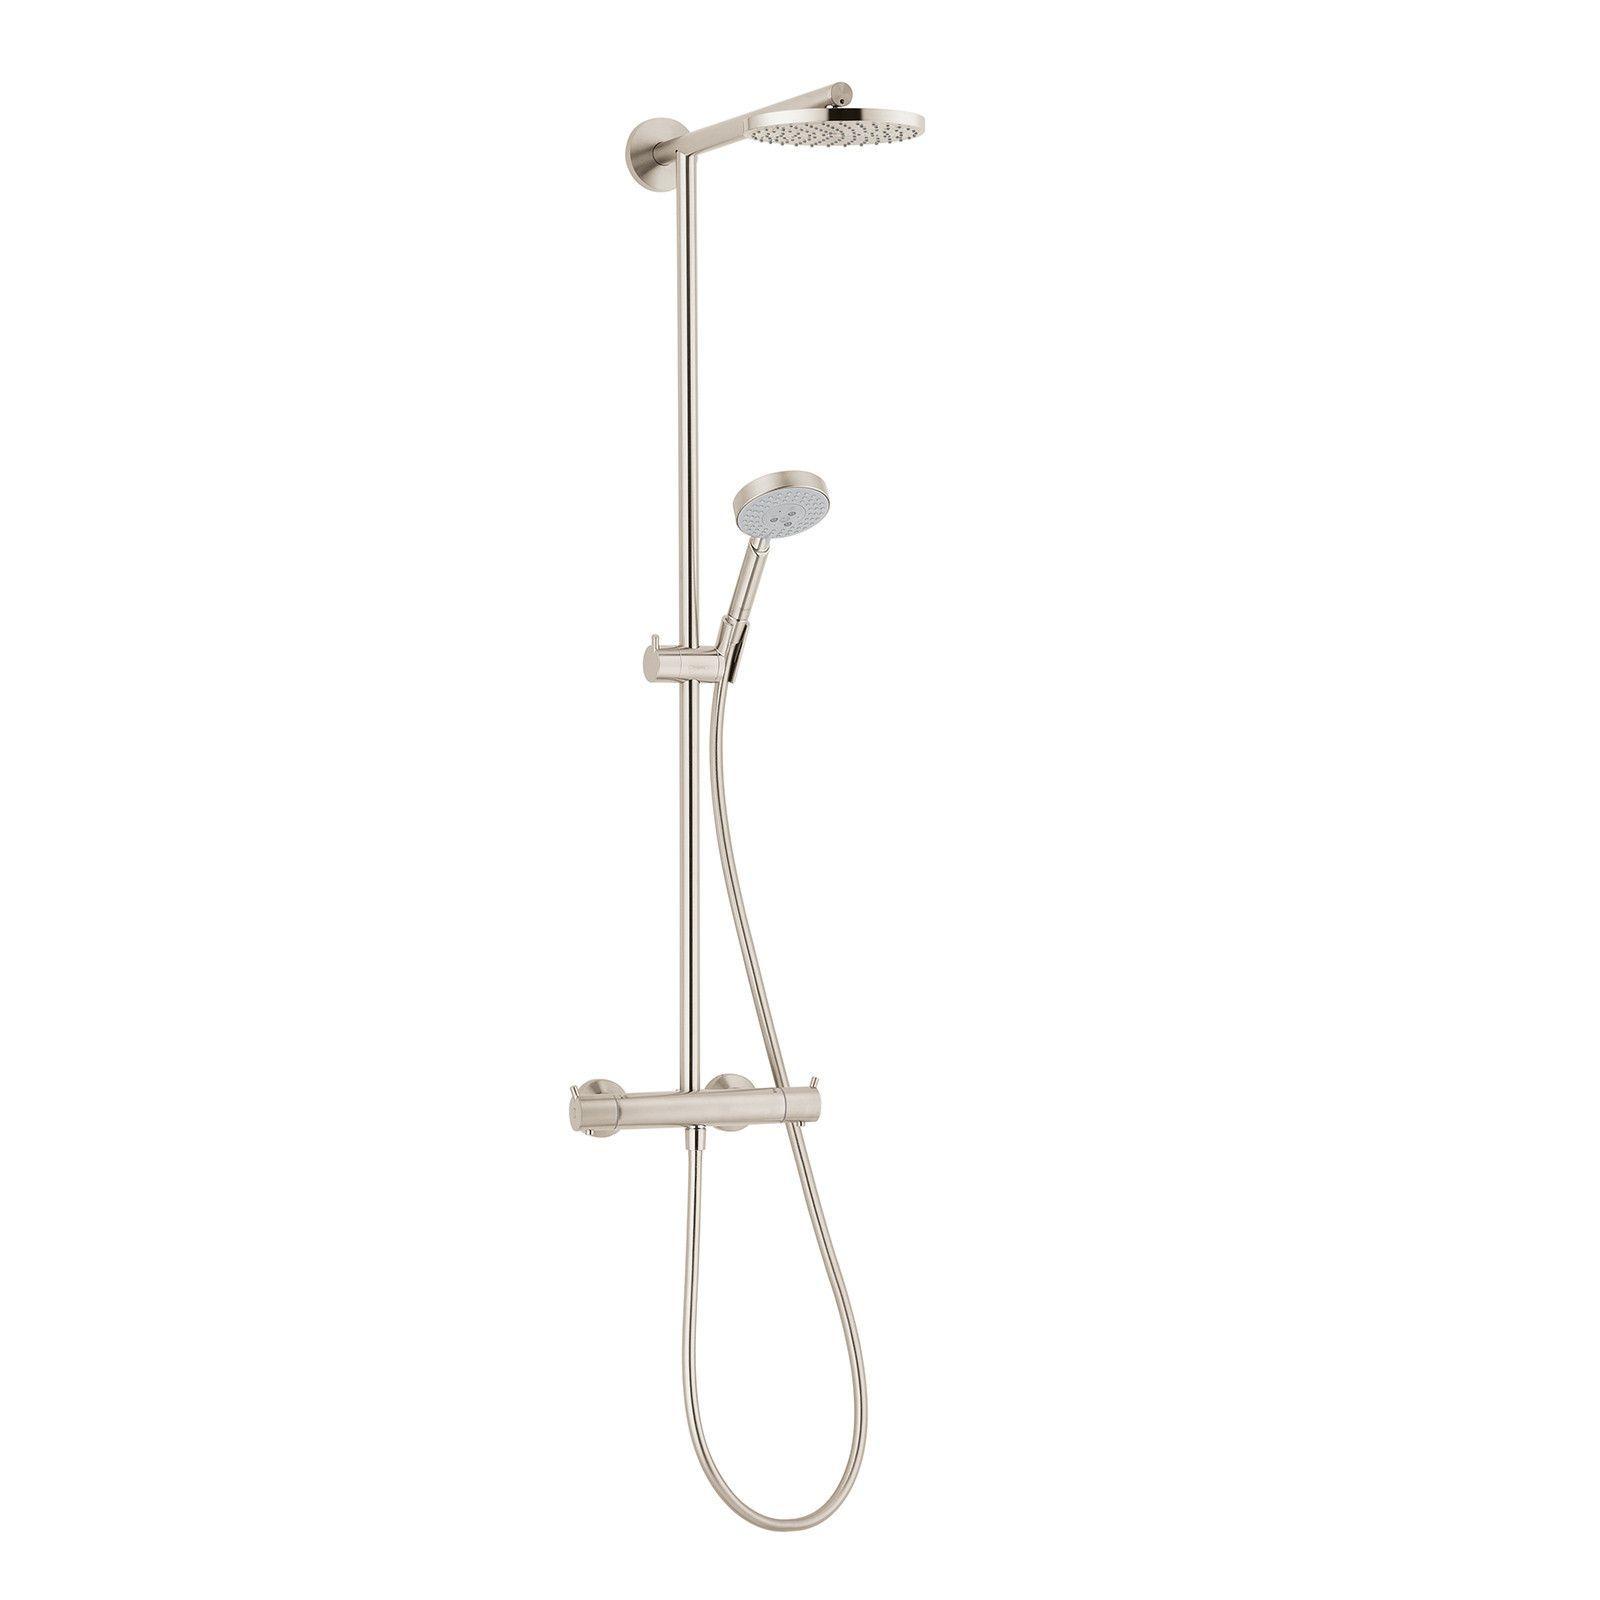 Hansgrohe Brushed Nickel Raindance Showerpipe Shower